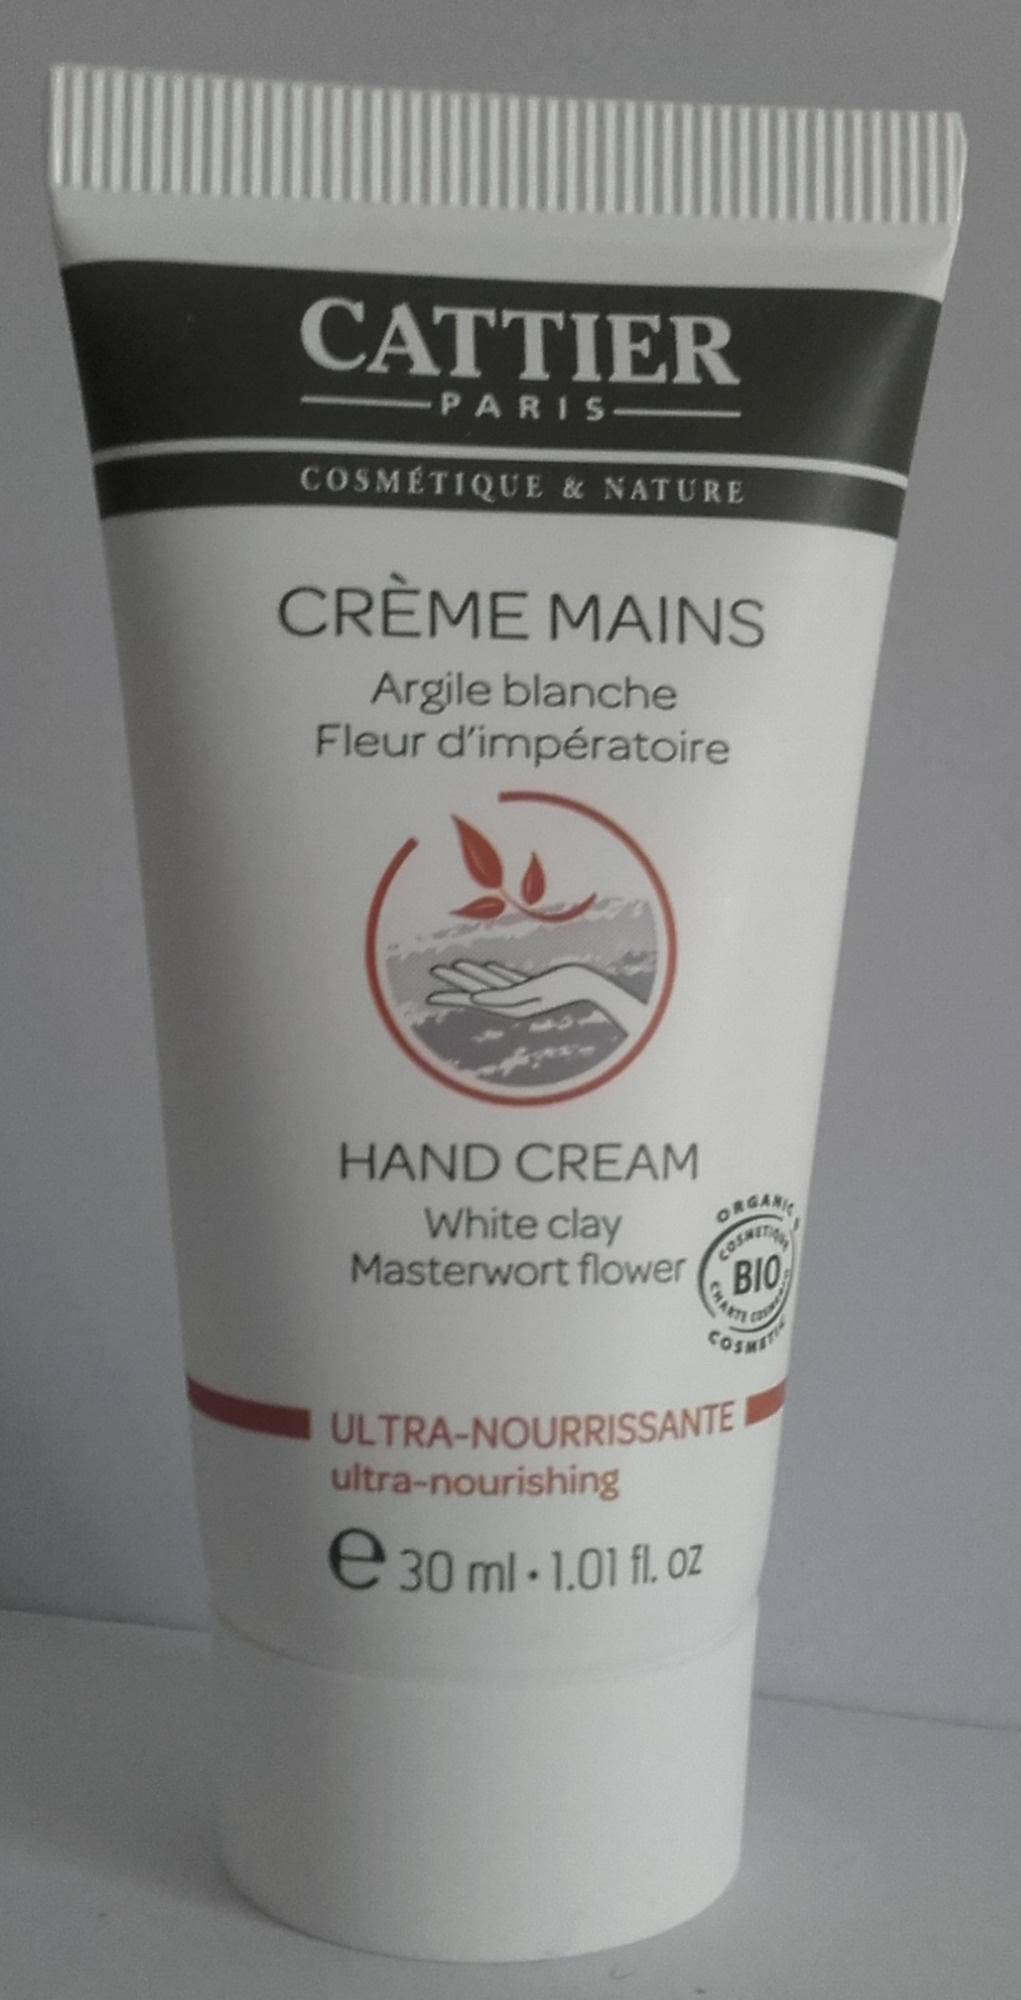 Crème mains Argile blanche Fleur d'impératoire - Product